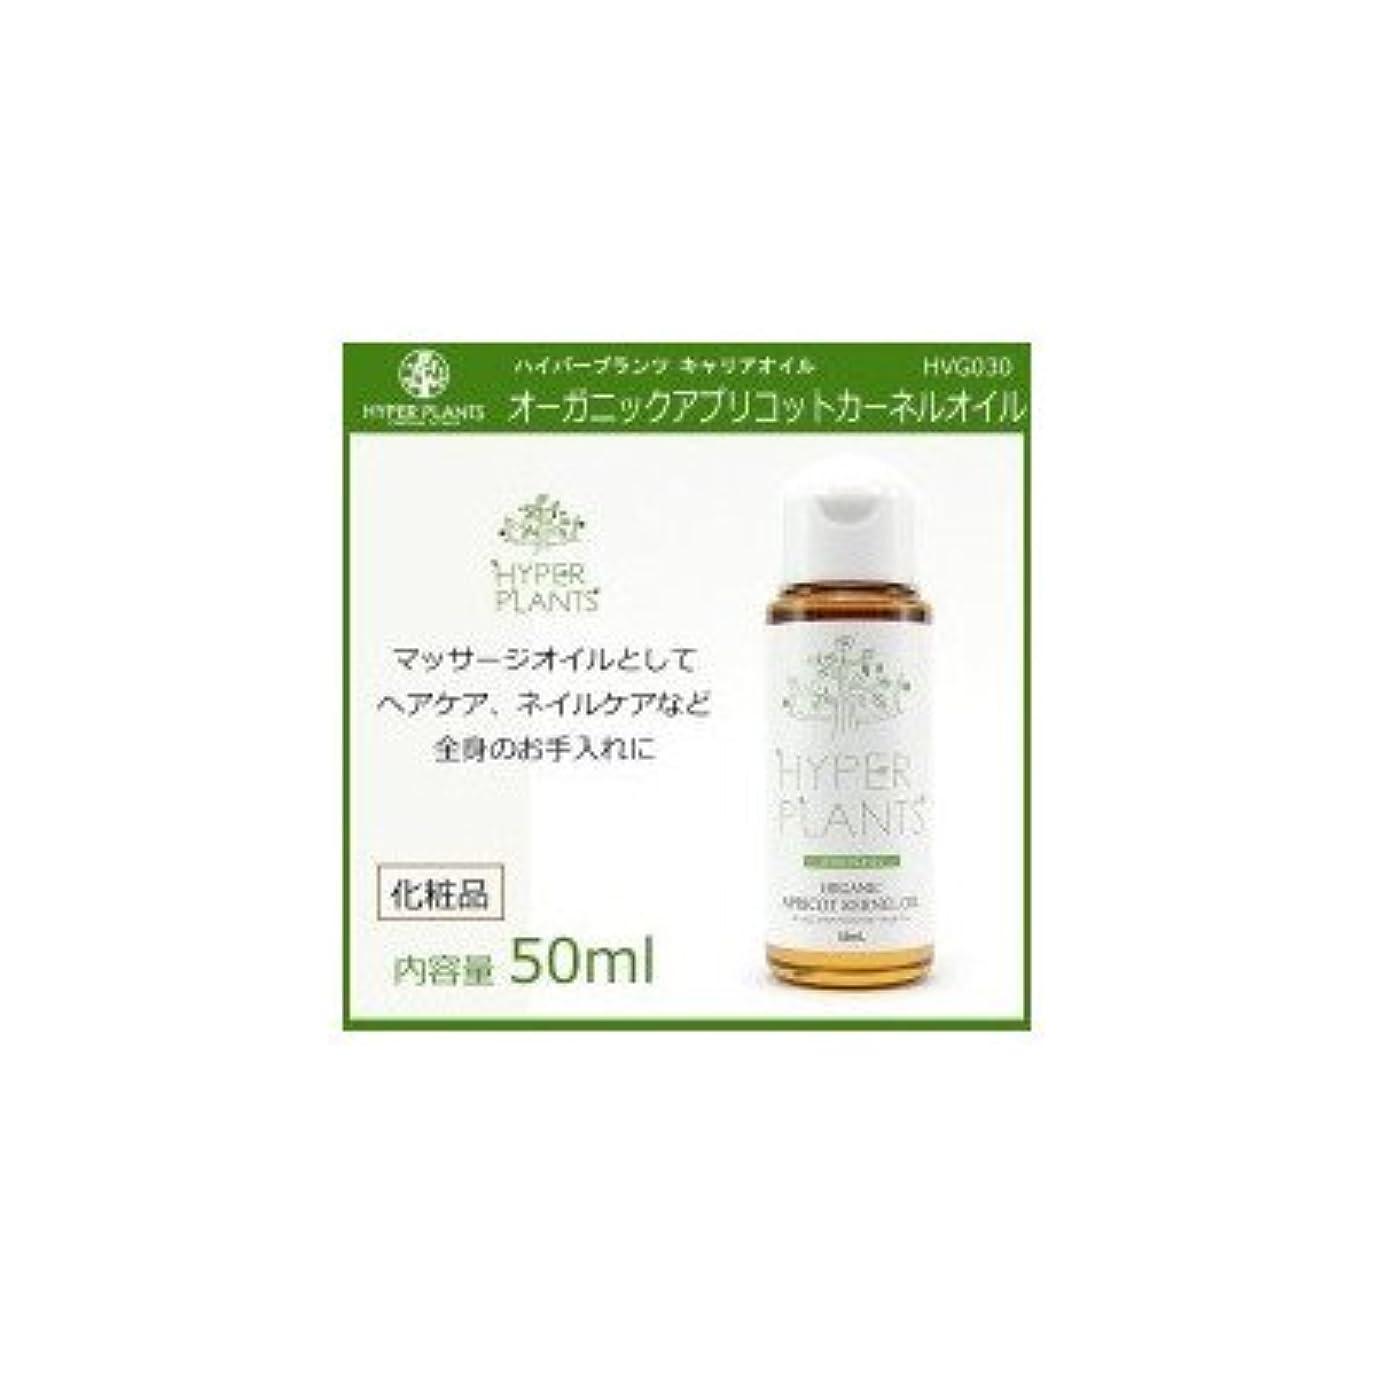 ベルトハブブ褒賞天然植物原料100%使用 スキンケアにお勧めのオイル HYPER PLANTS ハイパープランツ キャリアオイル オーガニックアプリコットカーネルオイル 50ml HVG030